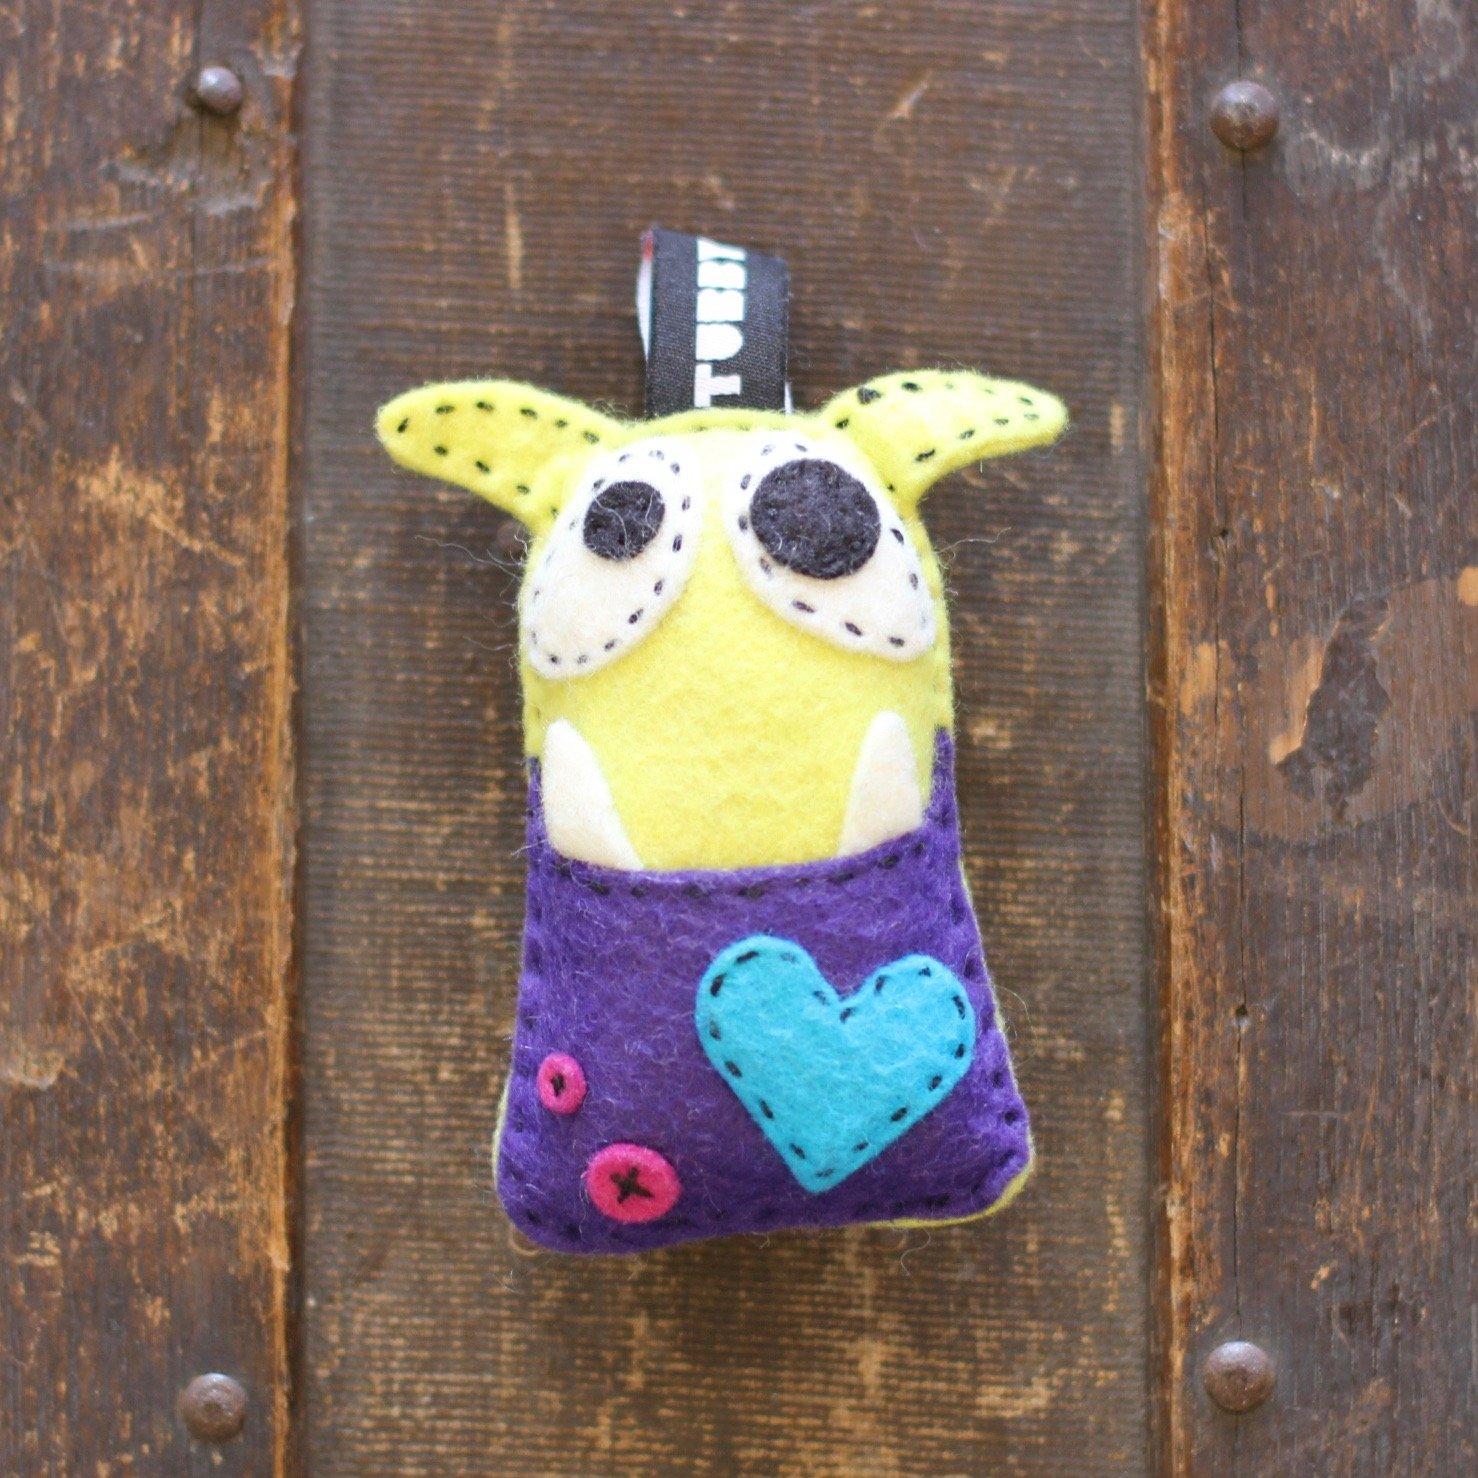 TubbyWubby Stitch & Stuff Critter Kit - Ned the Monster